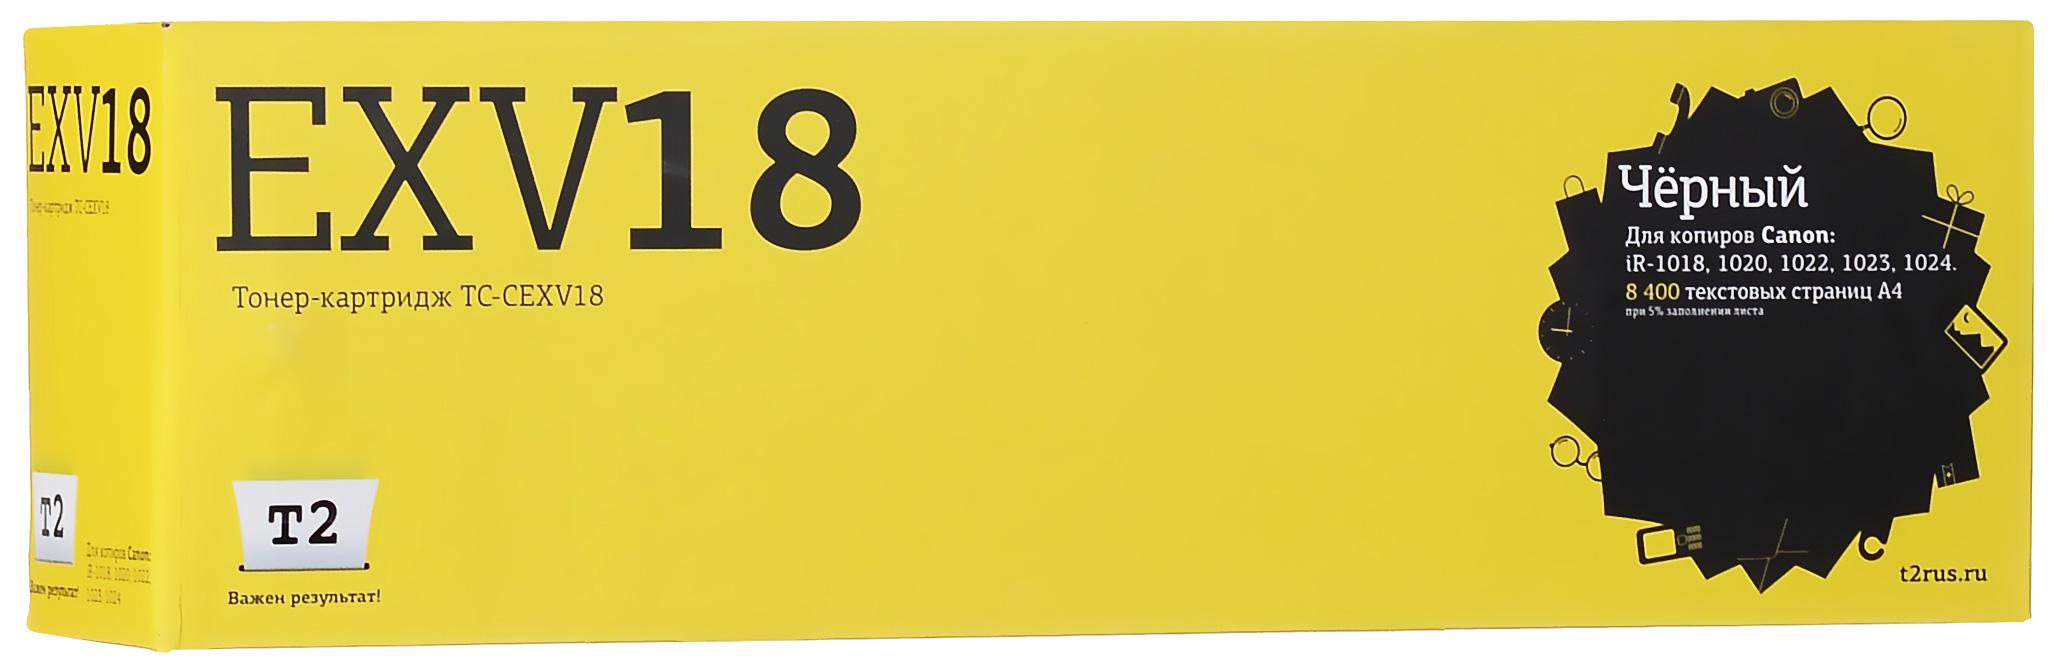 T2 TC-CEXV18 тонер-картридж для Canon iR-1018/1020/1022/1023/1024, BlackTC-CEXV18Картридж T2 TC-CEXV18 собран из дорогих японских комплектующих, протестирован по стандартам STMC и ISO. Специалисты на заводе следят за всеми аспектами сборки, вплоть до крутящего момента при закручивании винтов. С каждого картриджа на заводе делаются тестовые отпечатки.Для каждой модели картриджа подобраны оптимальные чернила или тонер и фотобарабан. Каждая новая модель проходит тщательную проверку на градиенты, фантомные изображения, ровность заливки и общее качество картинки.